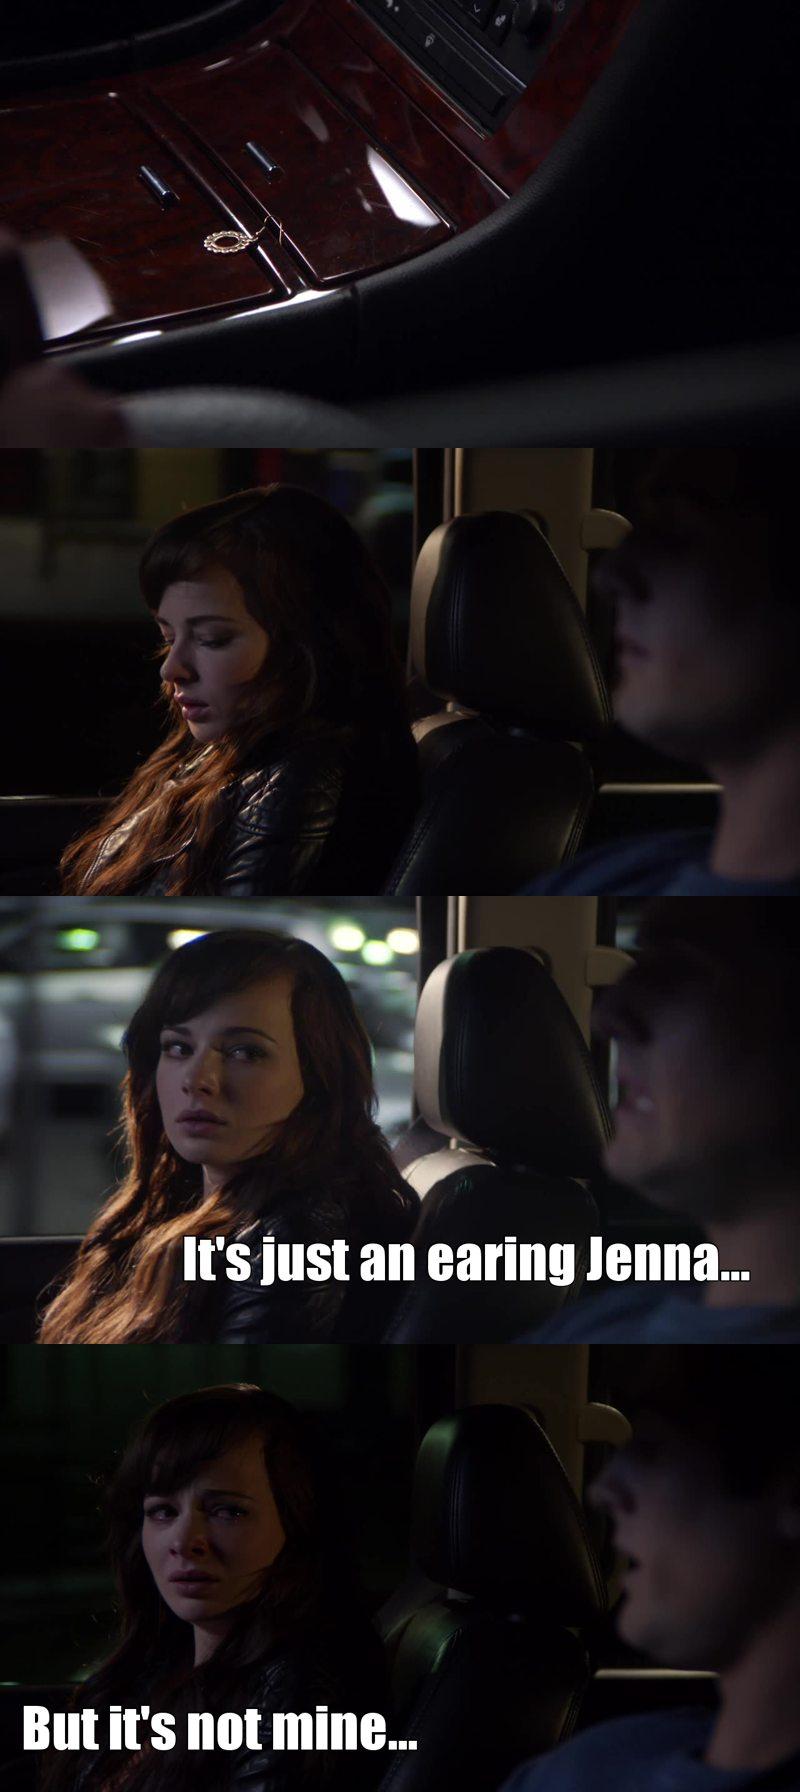 You've broke my heart Jenna :'(